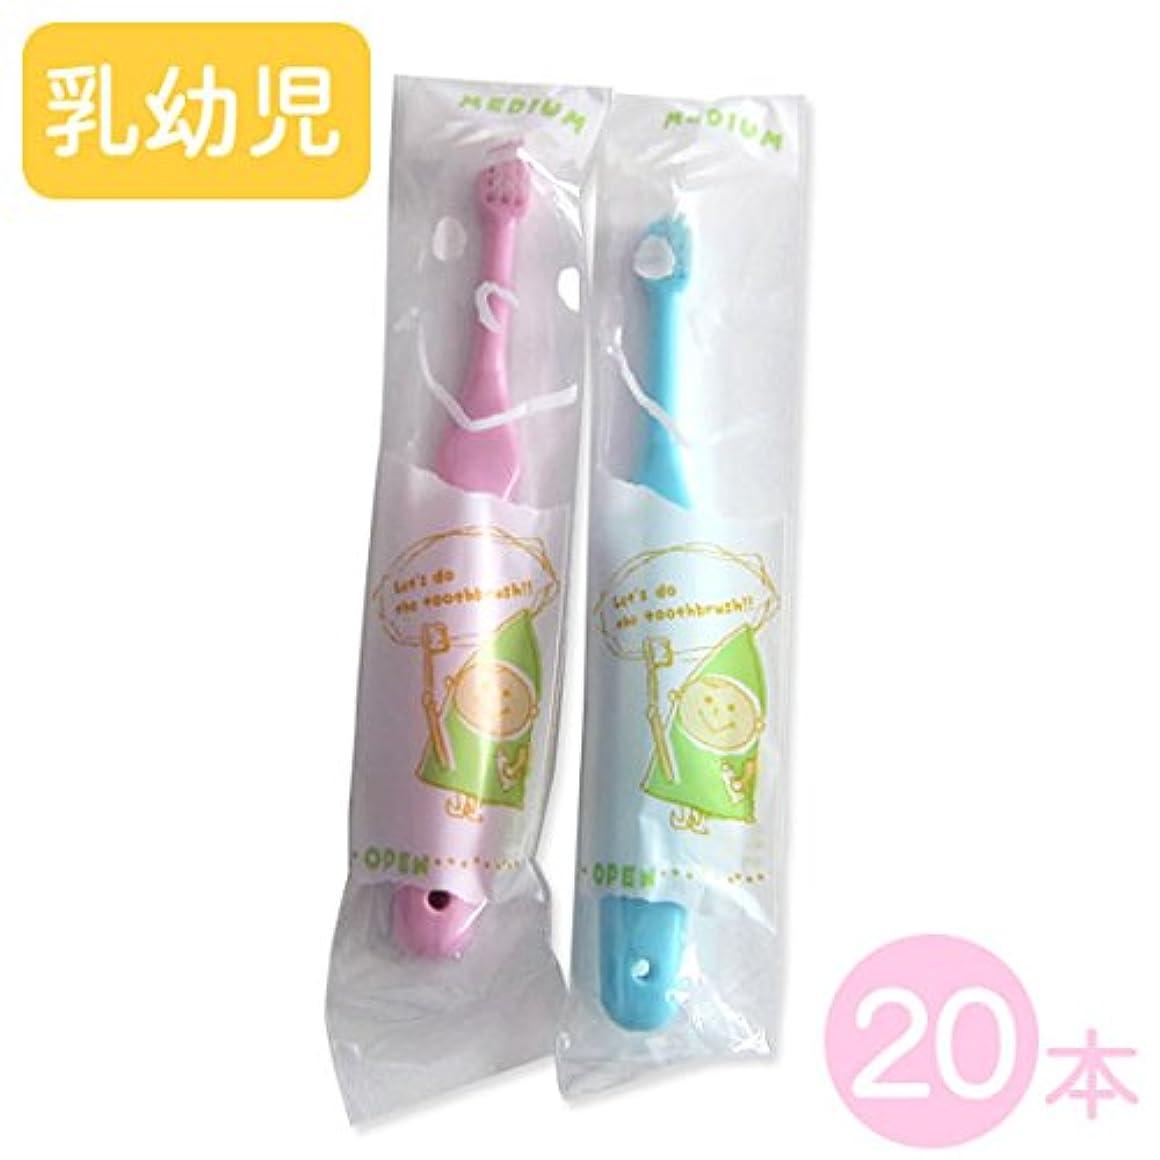 放つ過度のプットラピス 子供 歯ブラシ ラピス LA-110 乳幼児 ふつう 20本入り 同梱 ピンク